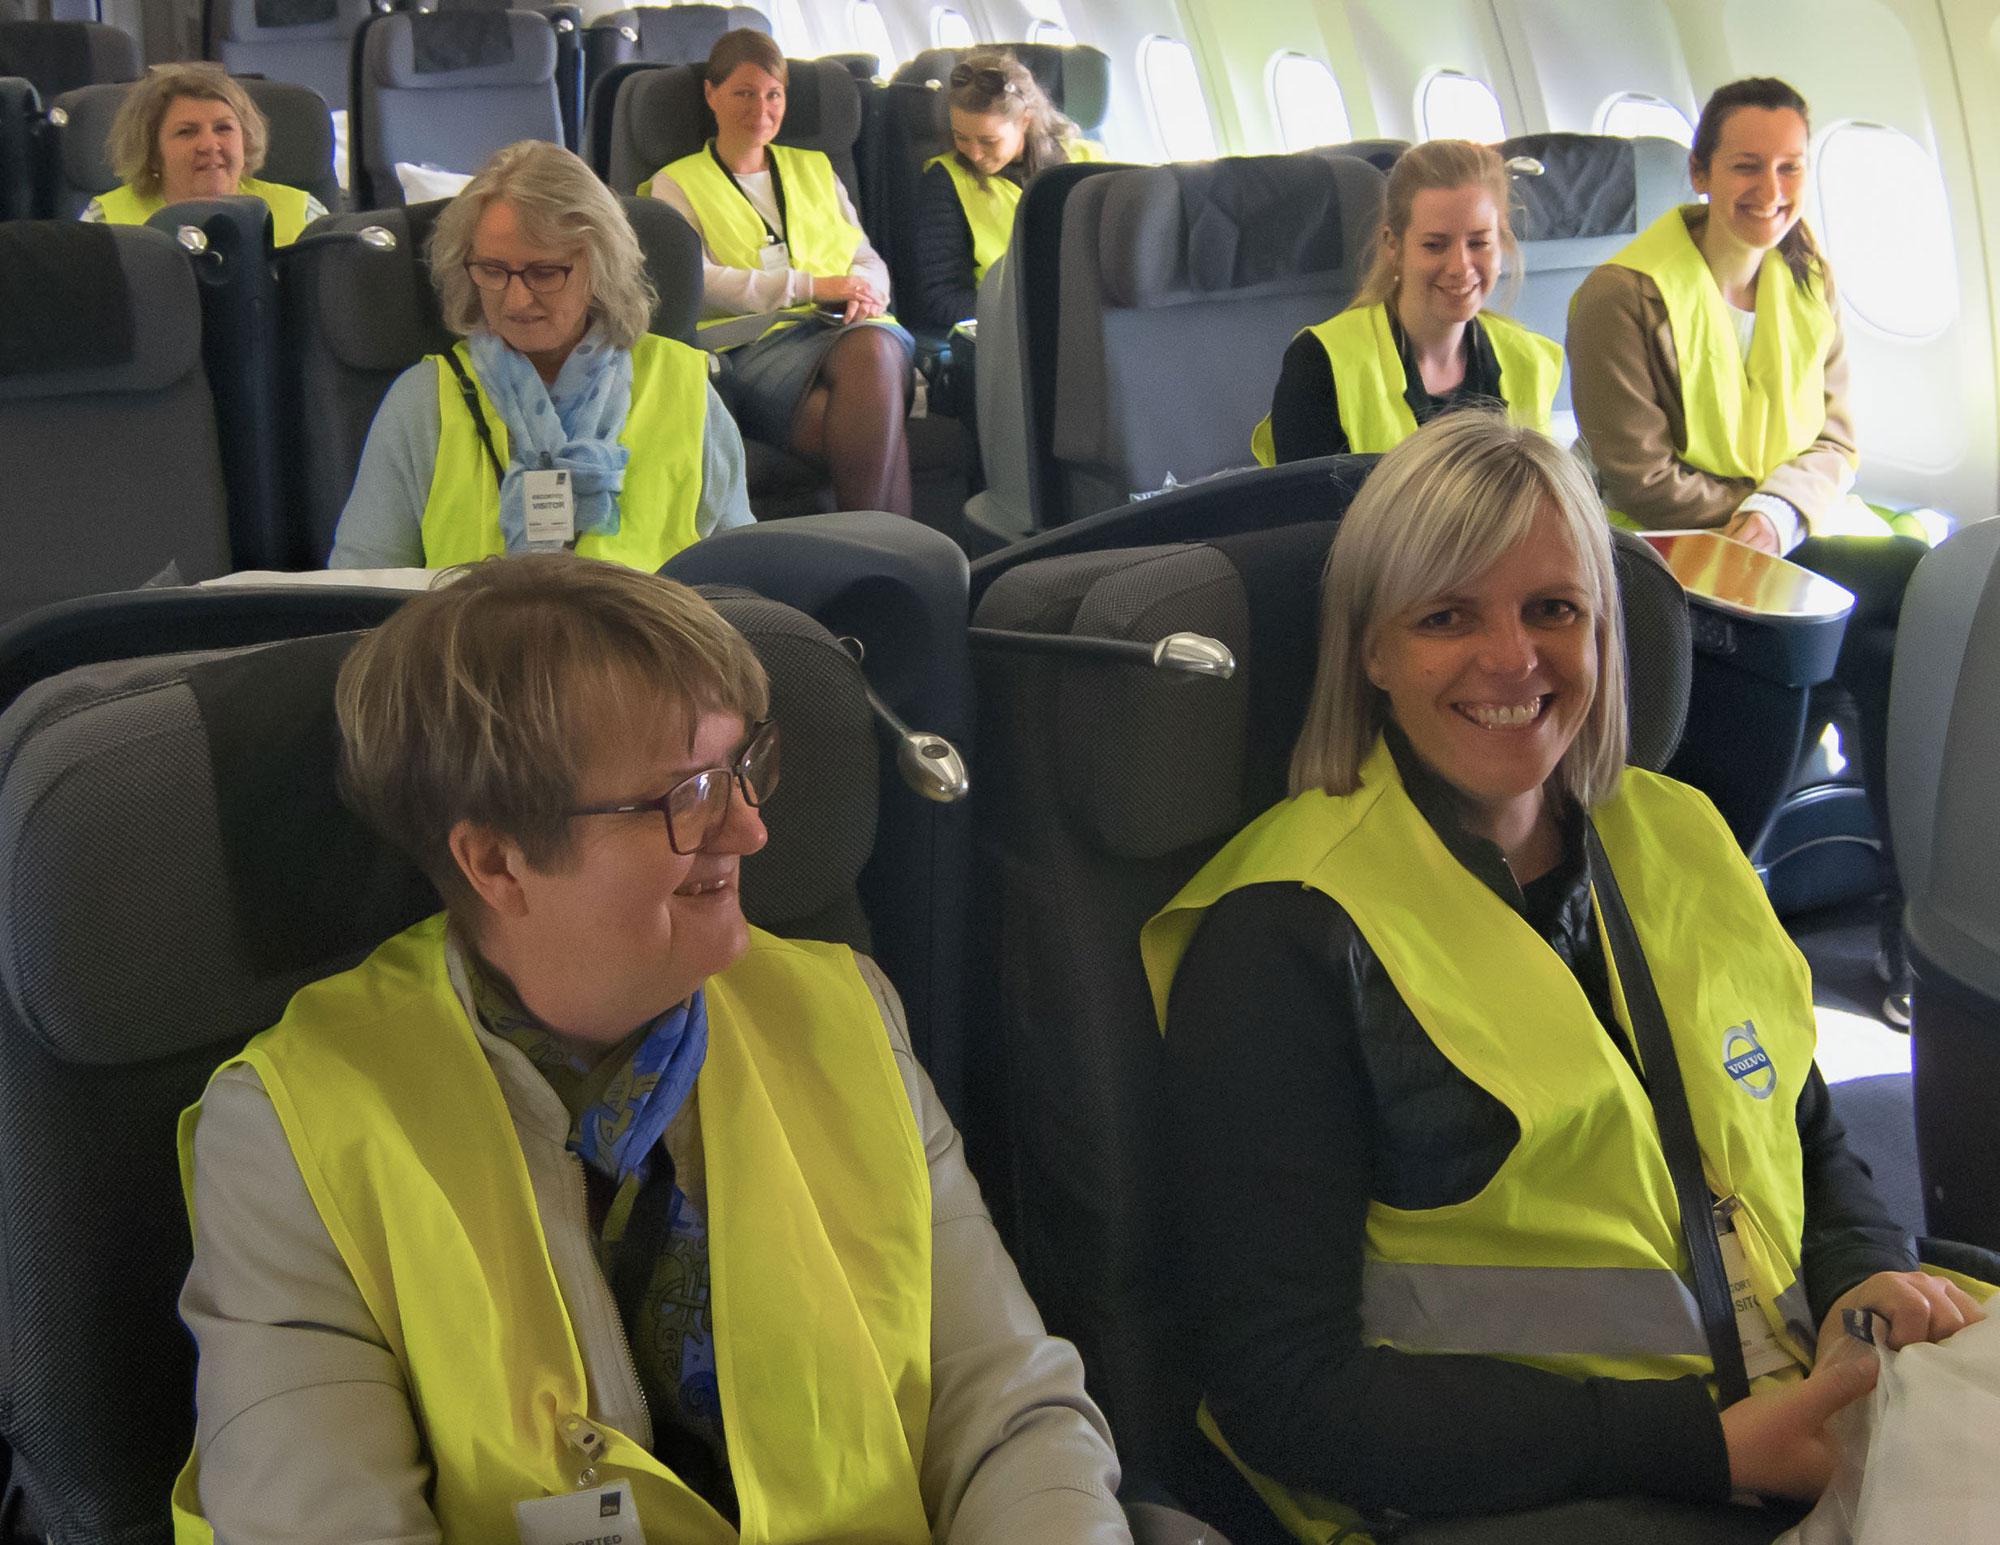 Kursister i kabinen på Flytryg kursus imod flyskræk